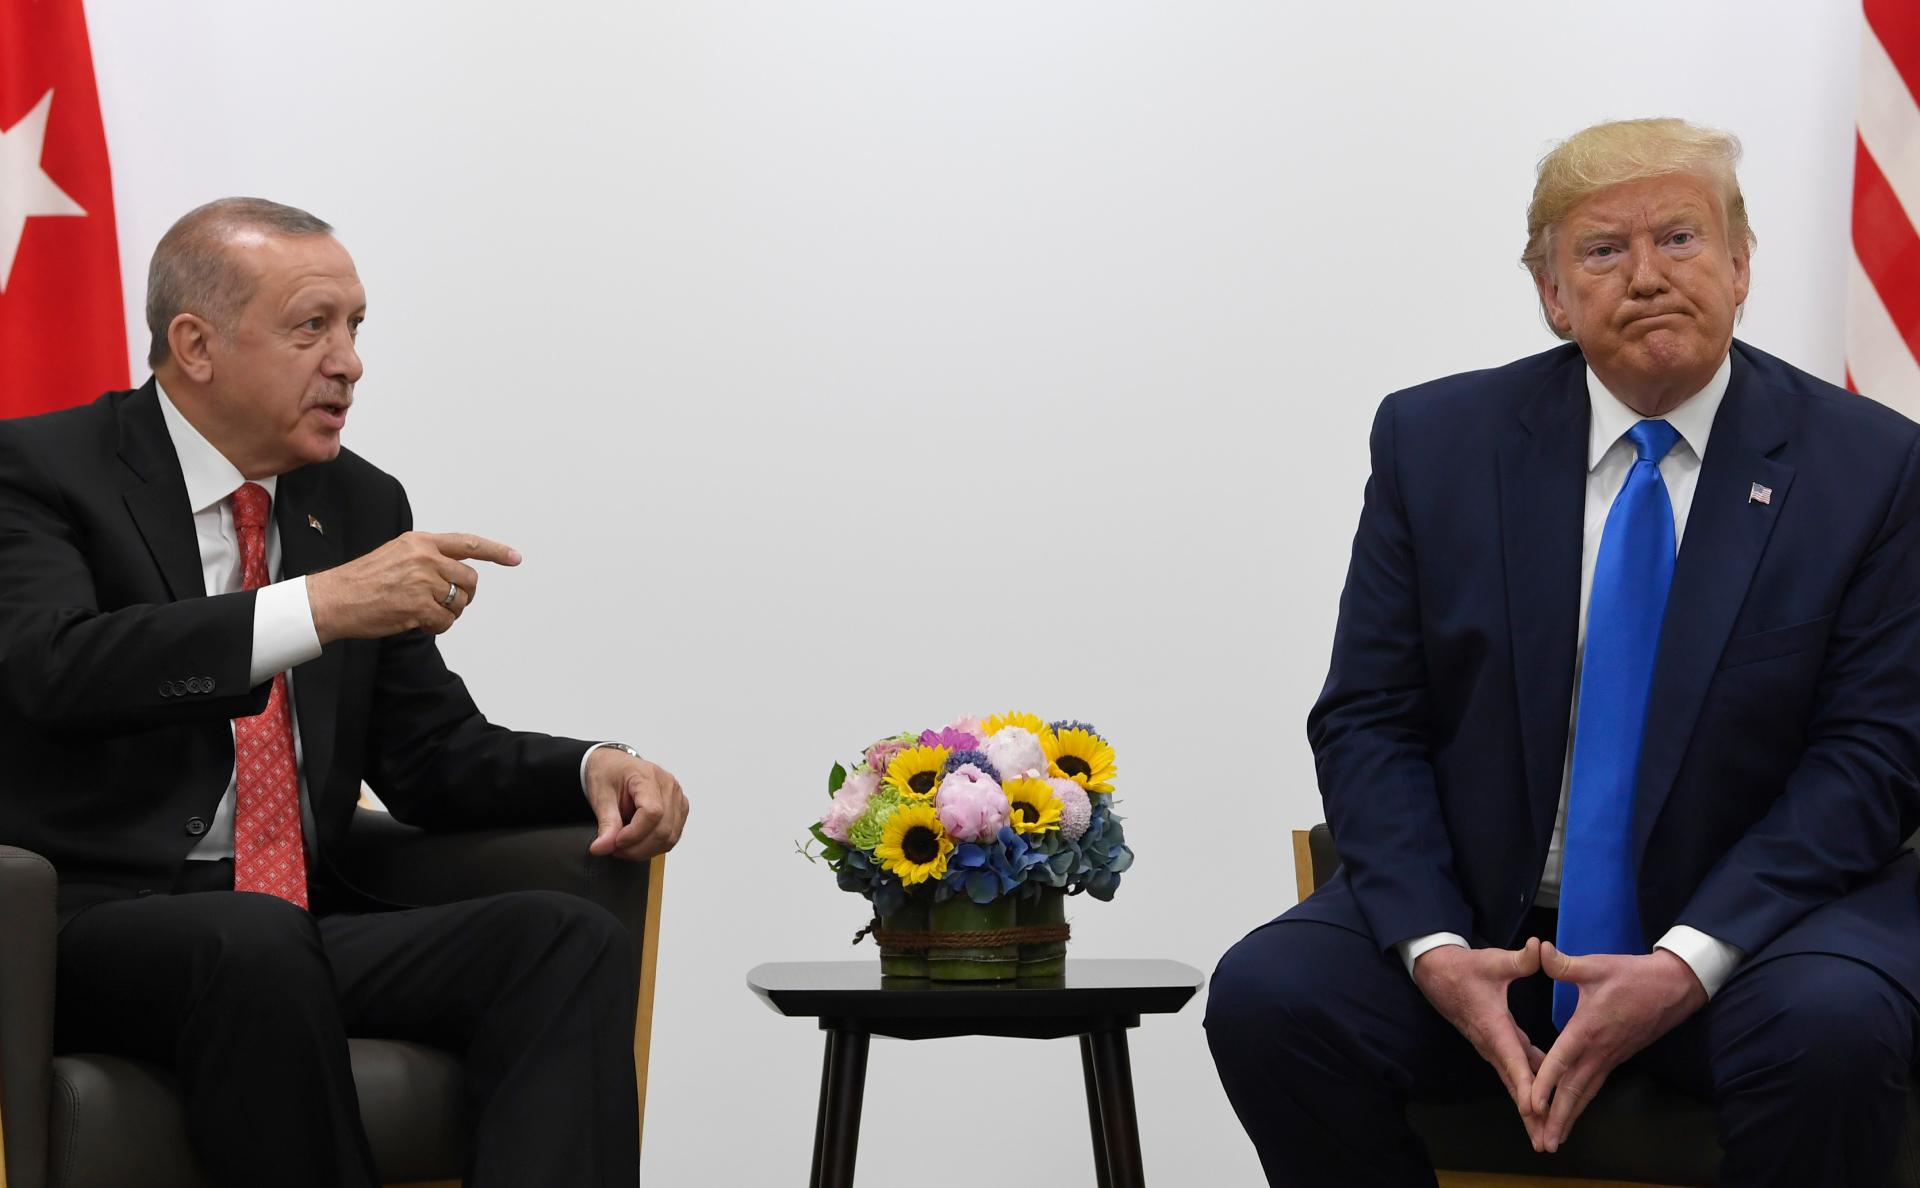 Трамп потребовал от Эрдогана прекратить огонь в Сирии